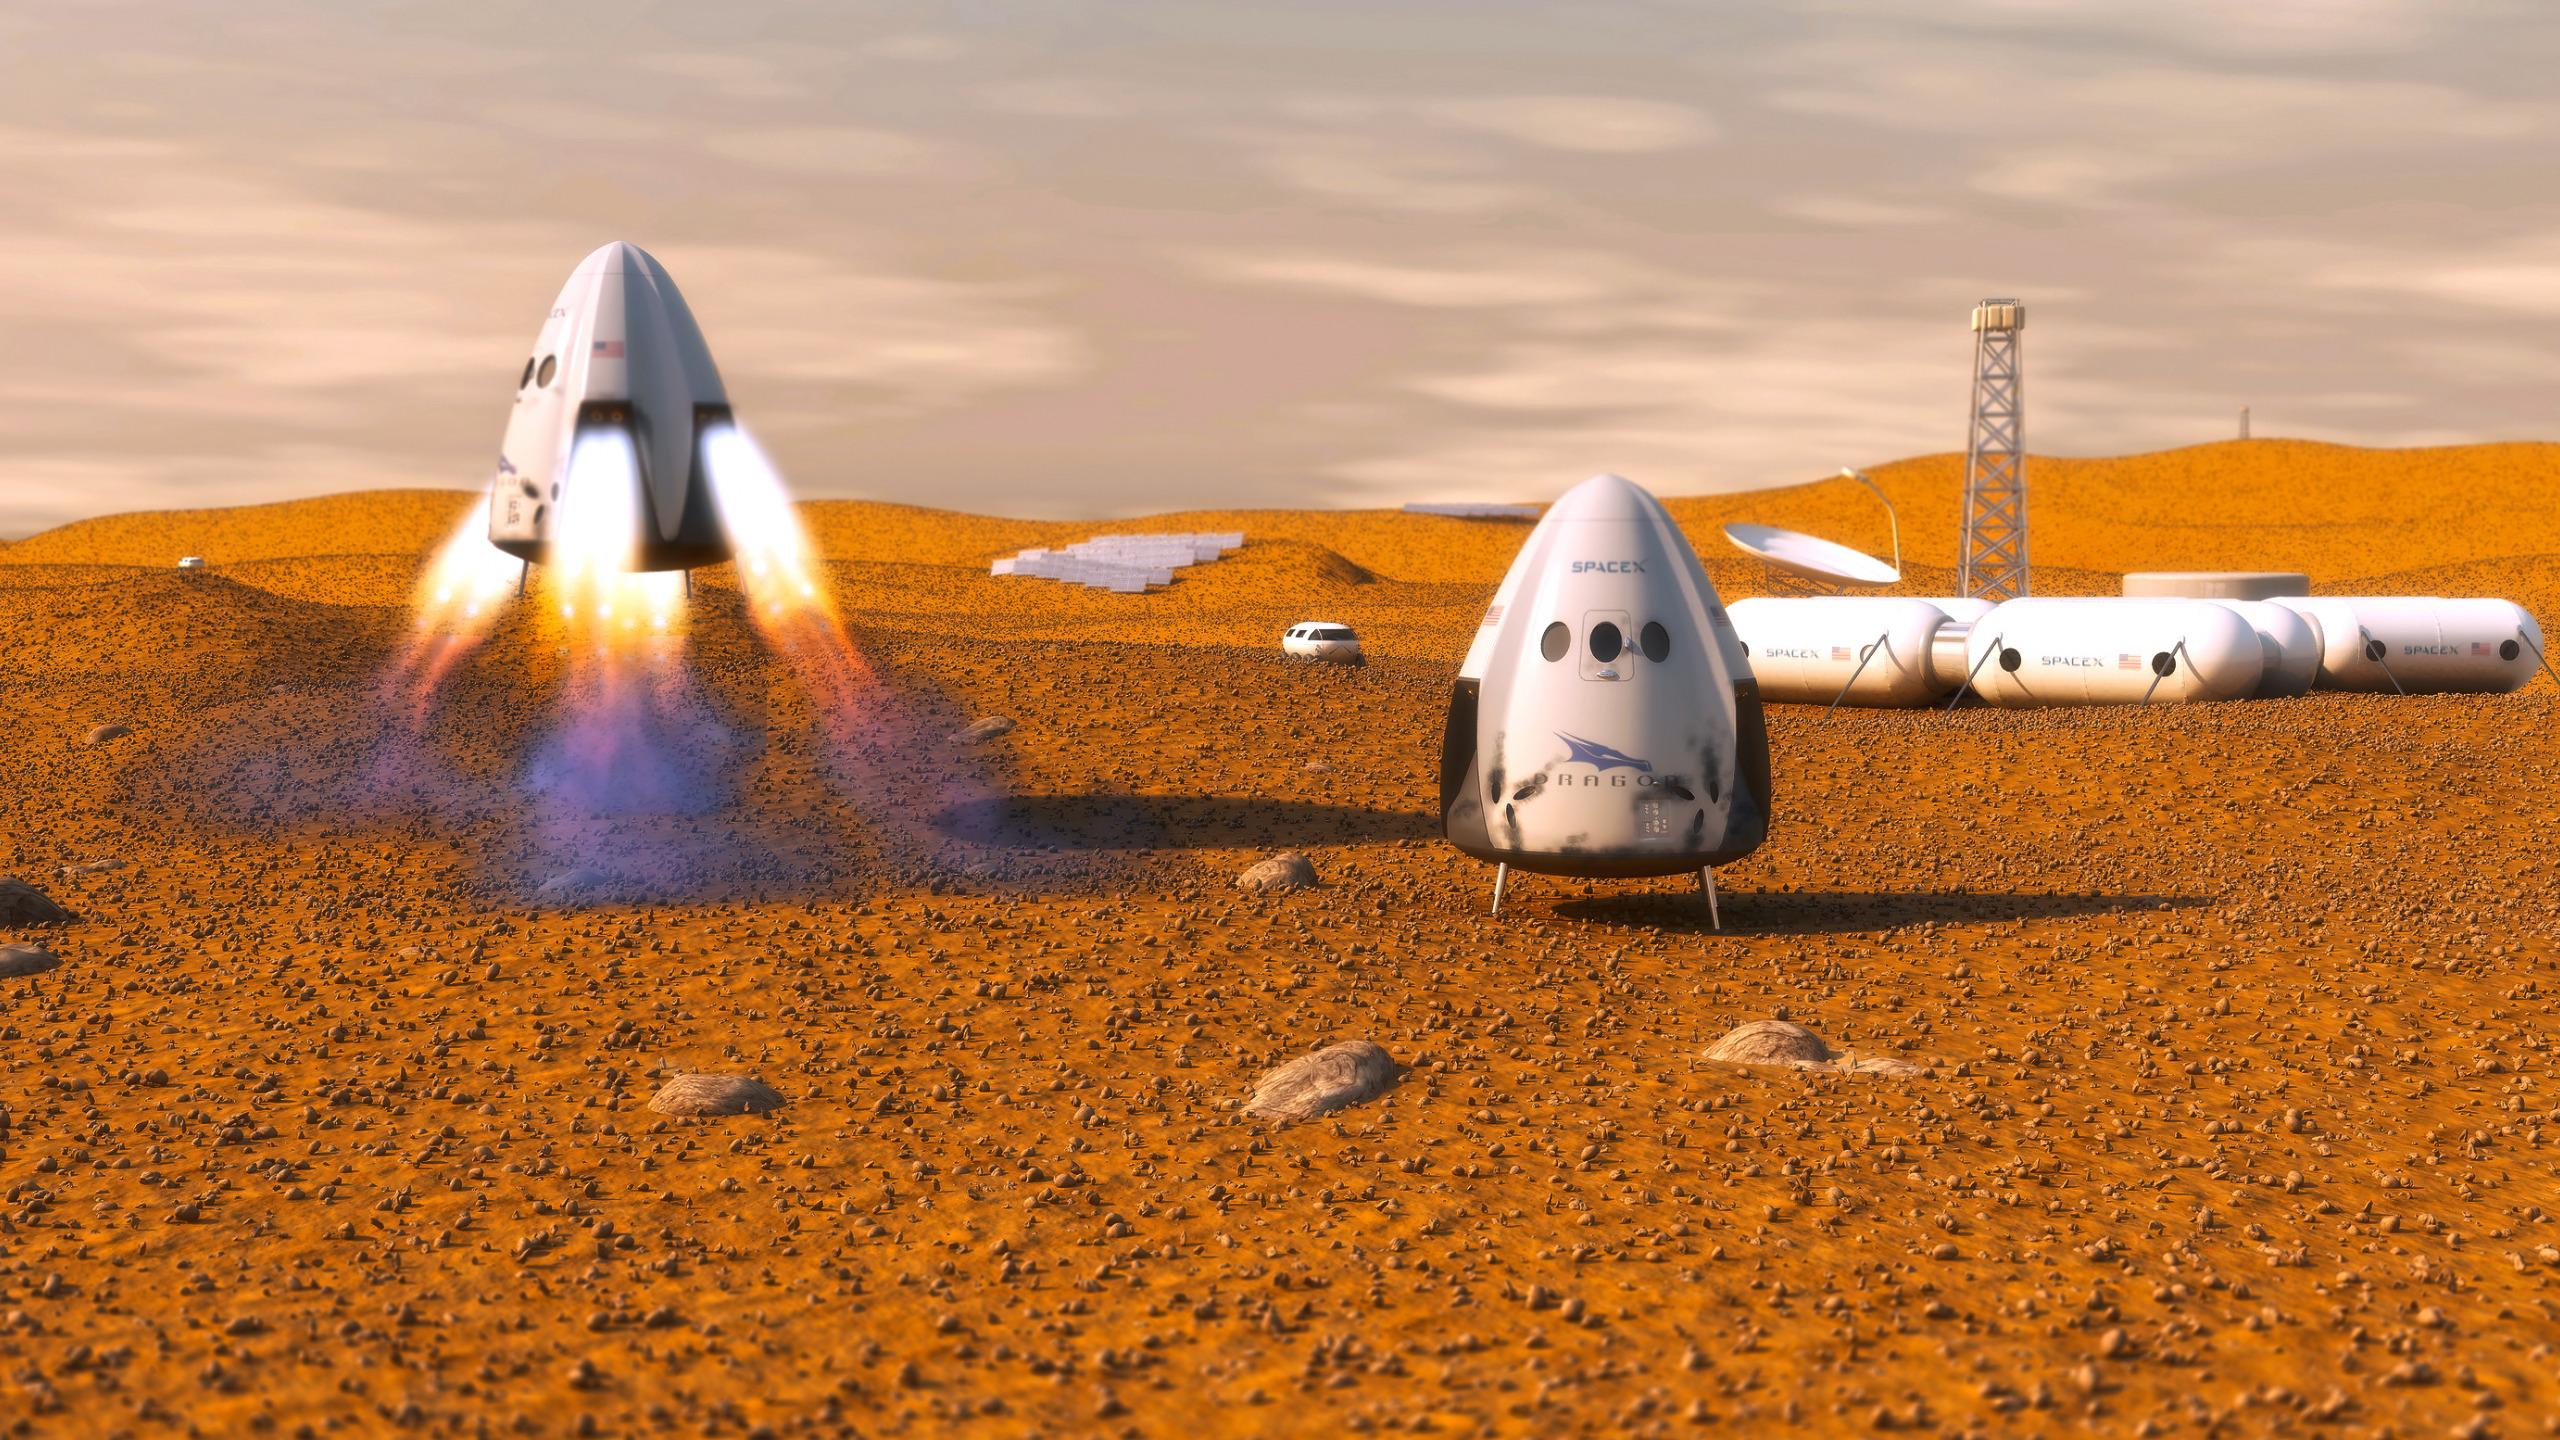 жаль, марсианский проект маск фото укладки